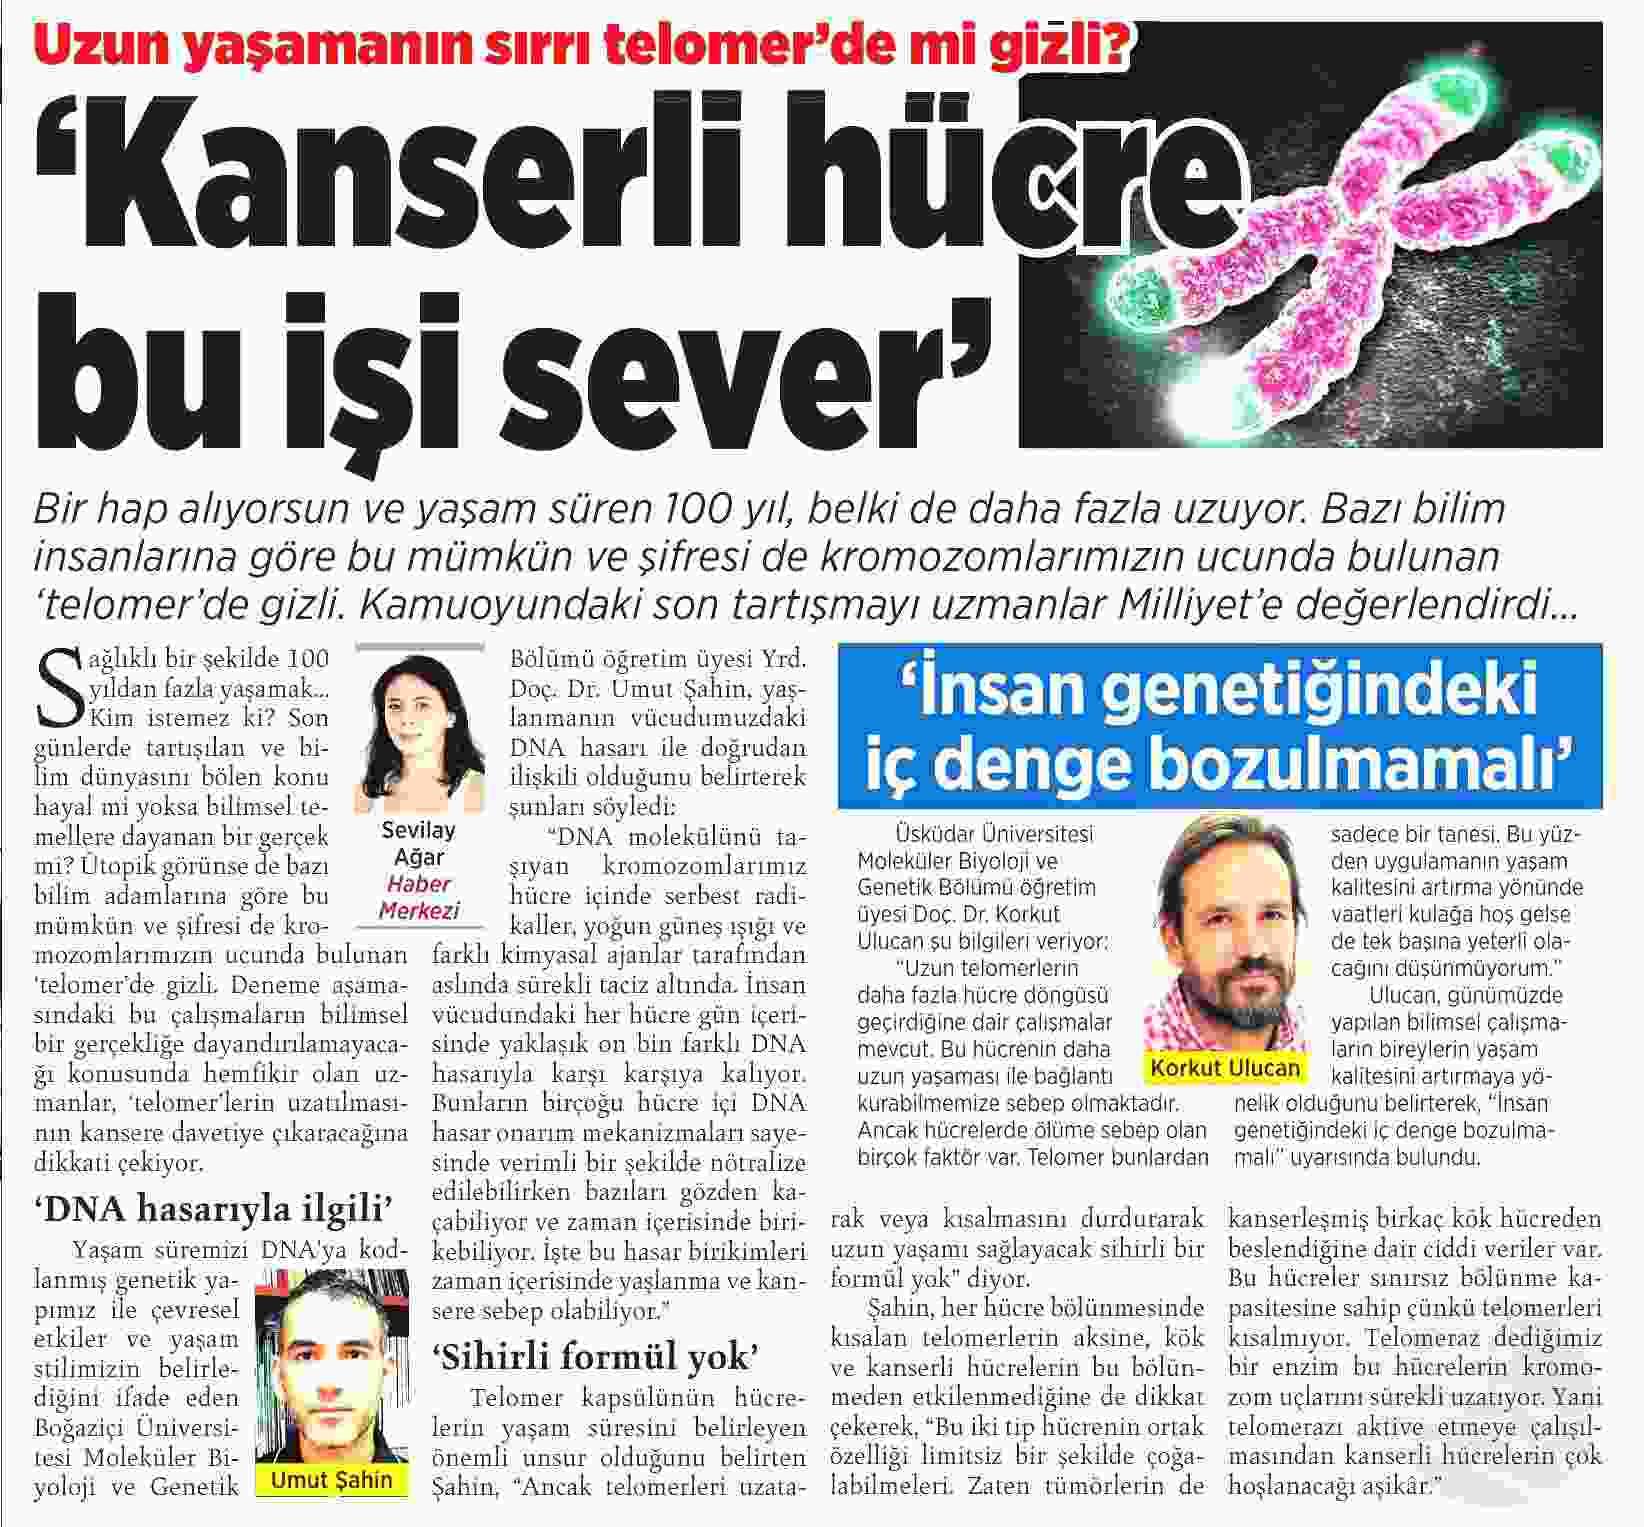 KANSERLİ HÜCRE BU İŞİ SEVER